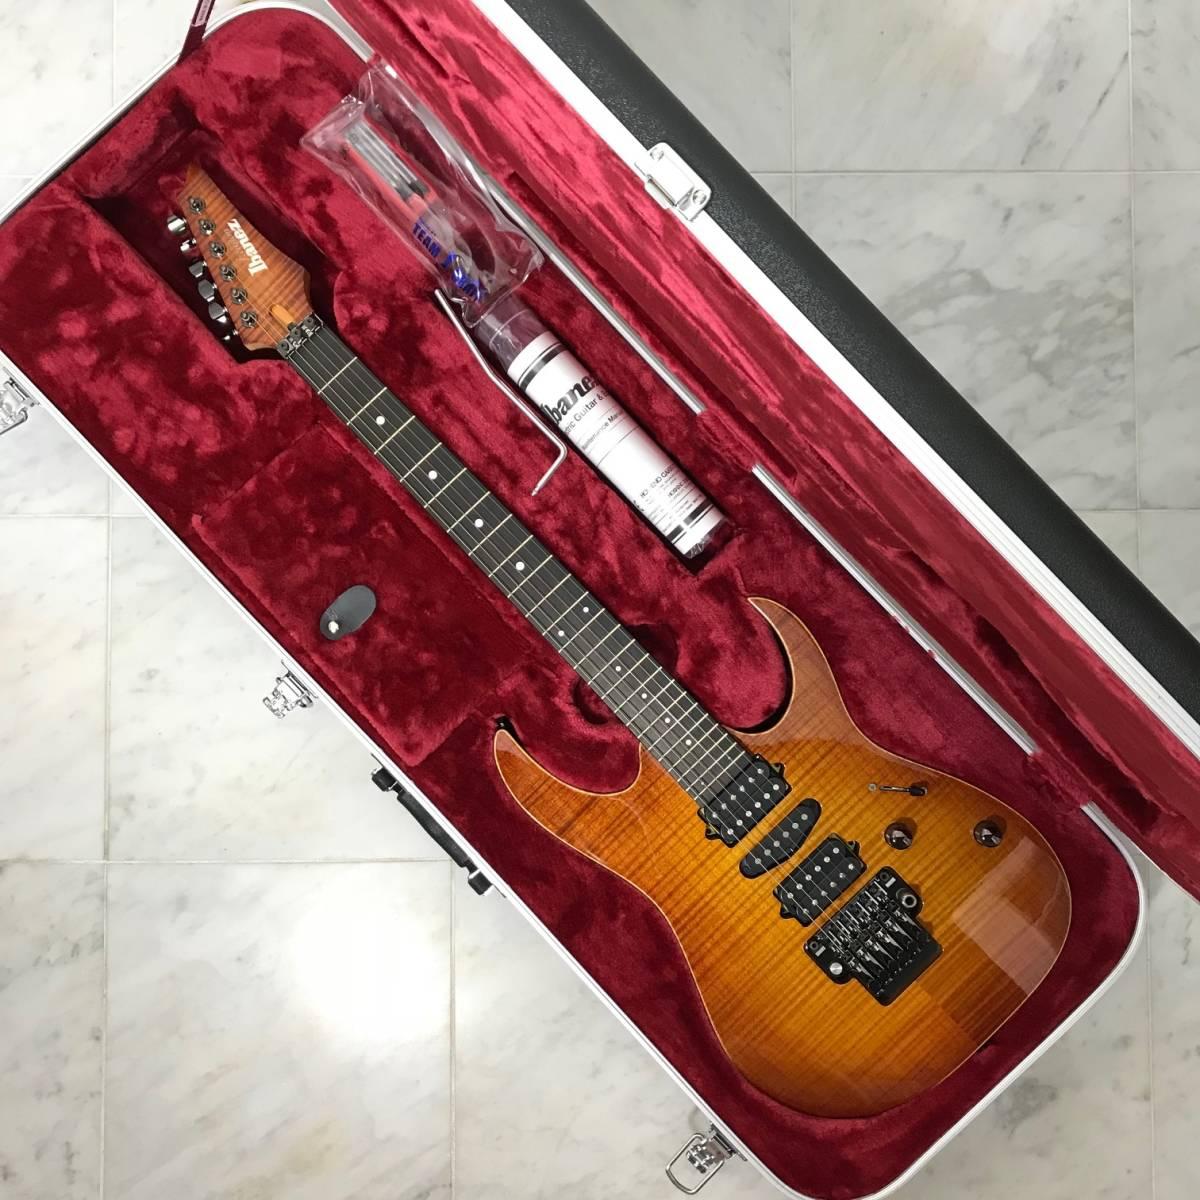 希少 美品 Ibanez J.custom RG7570Z Bright Brown Rutile 付属品 専用ハードケース付 日本製 アイバニーズ エレキギター GOTOHペグ 最高峰_画像3